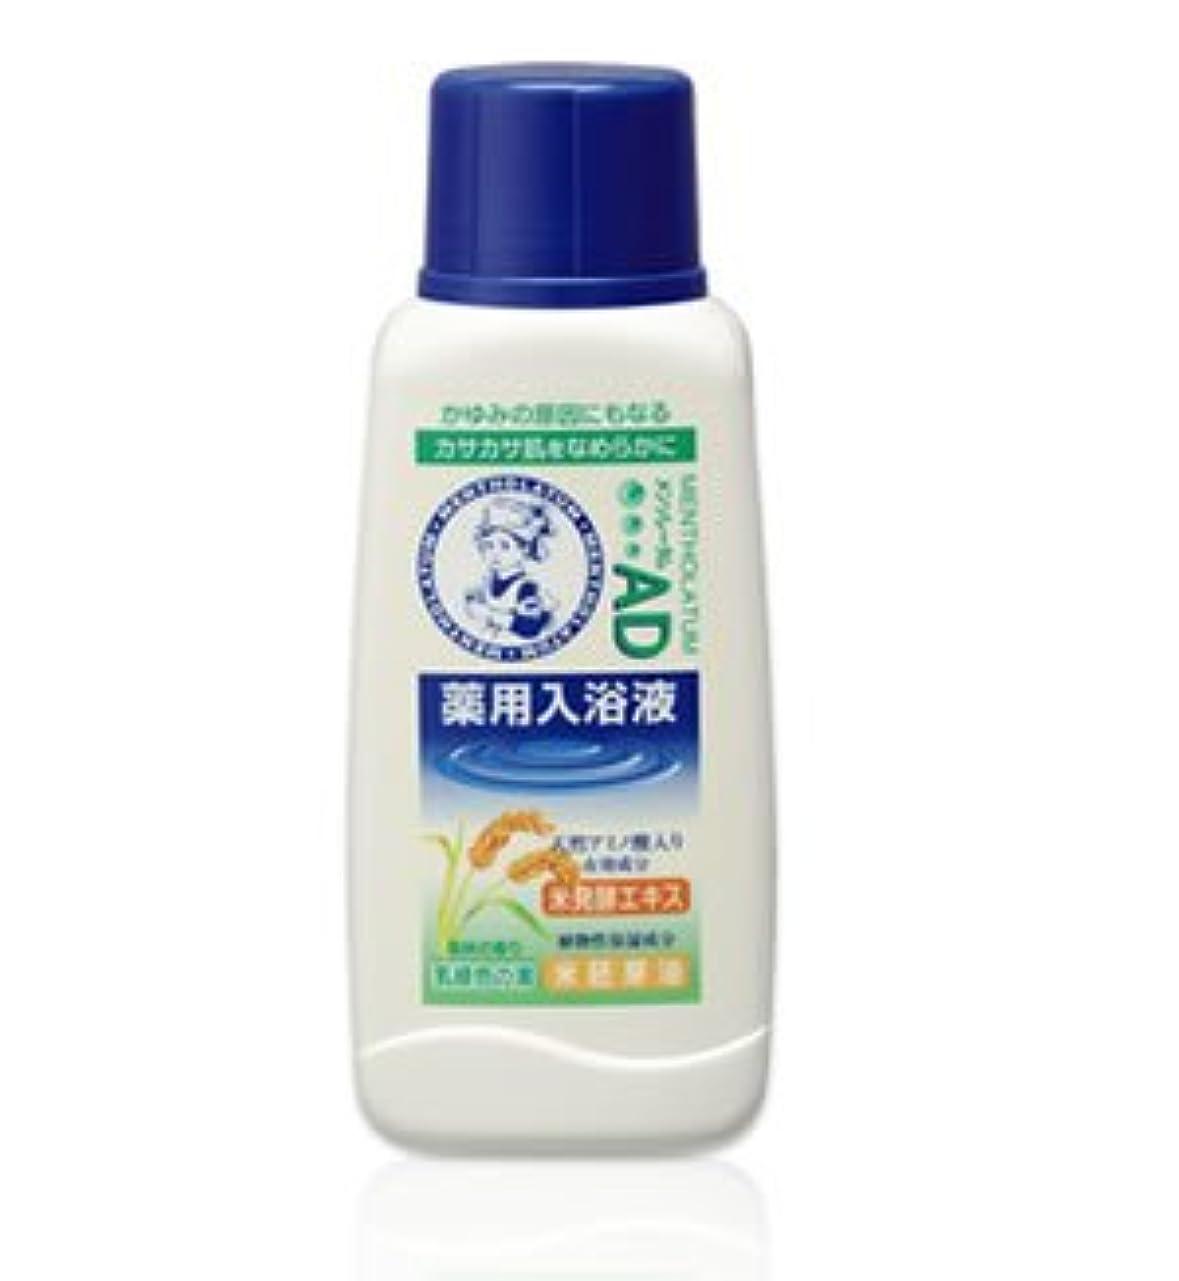 長々と胆嚢犯罪(ロート)メンソレータム AD薬用入浴剤 森林の香り720ml(医薬部外品)